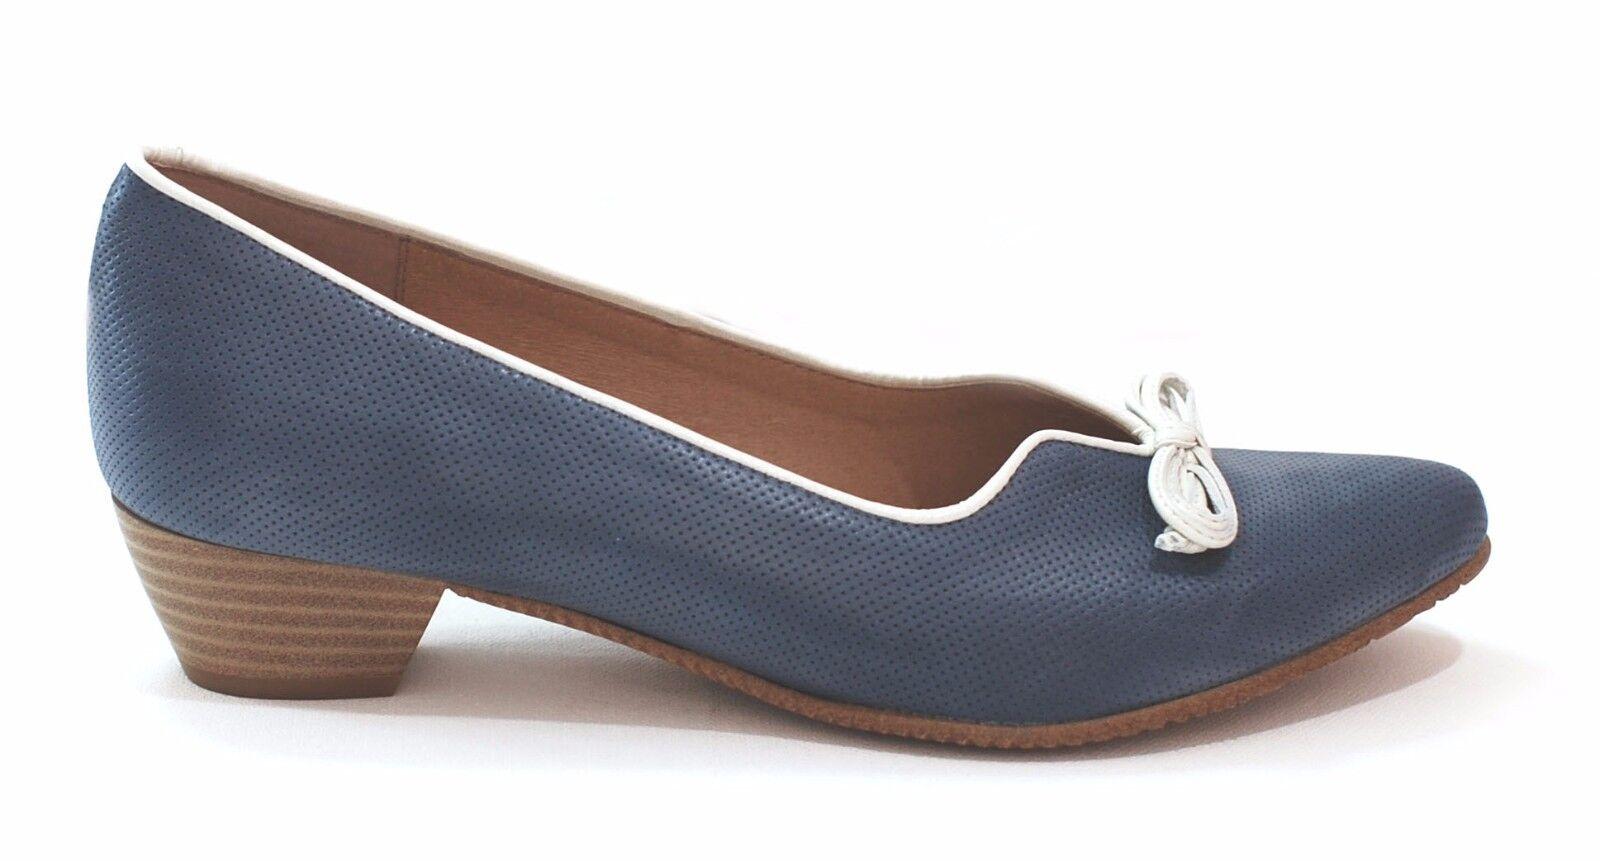 Schuh Pumps Schnürer Damen blau weiß LUXUS Nappa Leder Lederfutter 46909